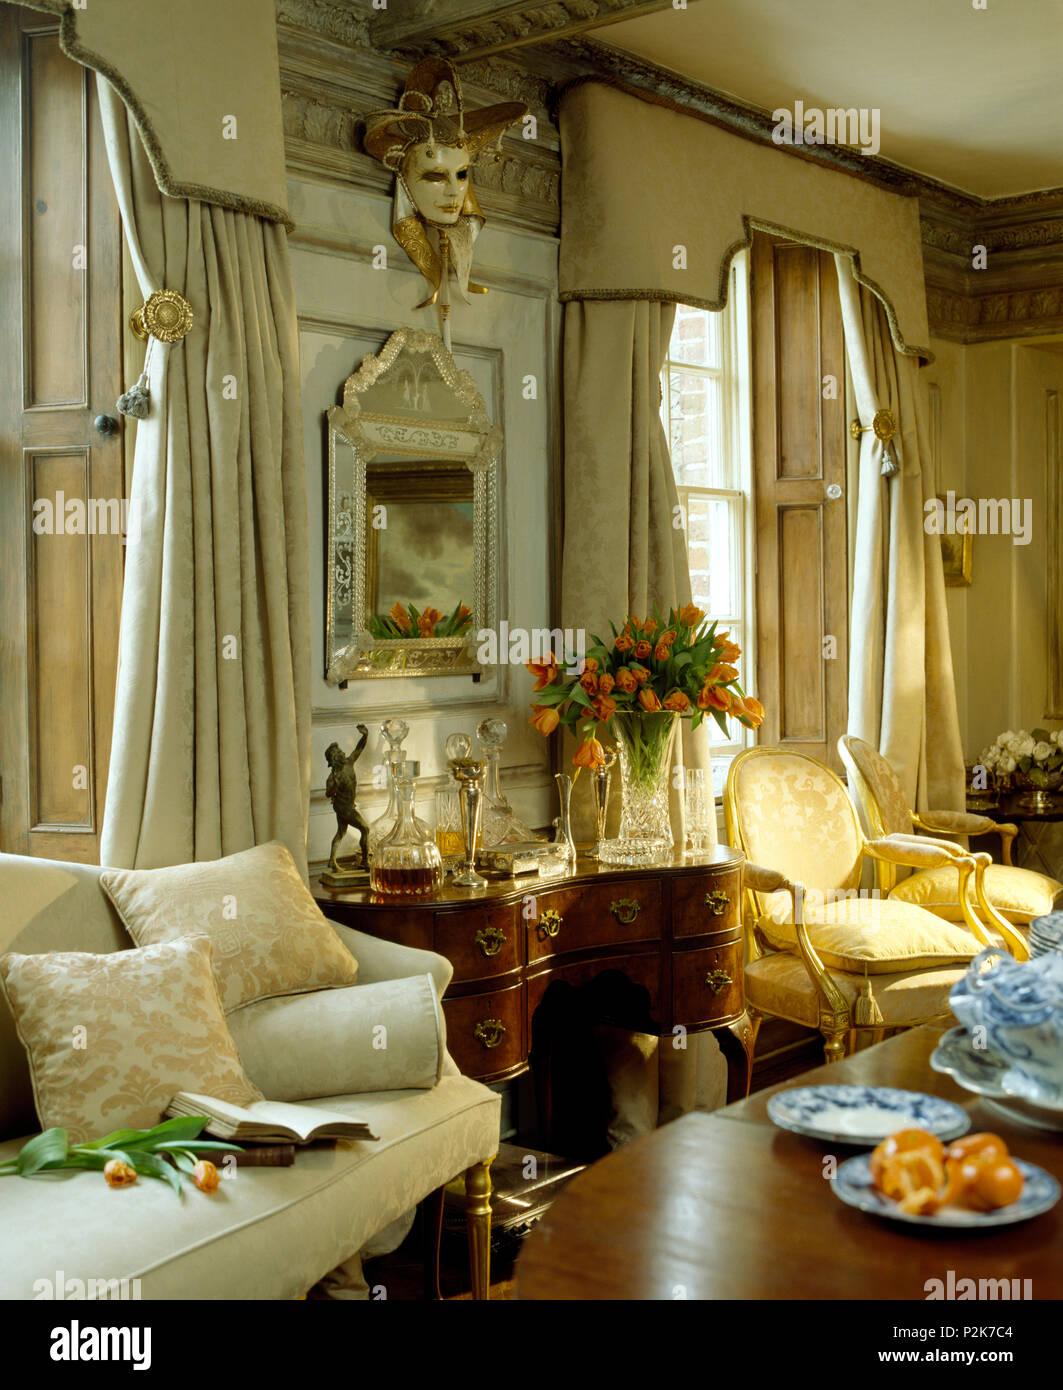 Venezianische Maske Und Spiegel An Der Wand Zwischen Hohen Fenstern Mit  Sahne Pelmets Und Vorhänge In Opulenten Land Wohnzimmer